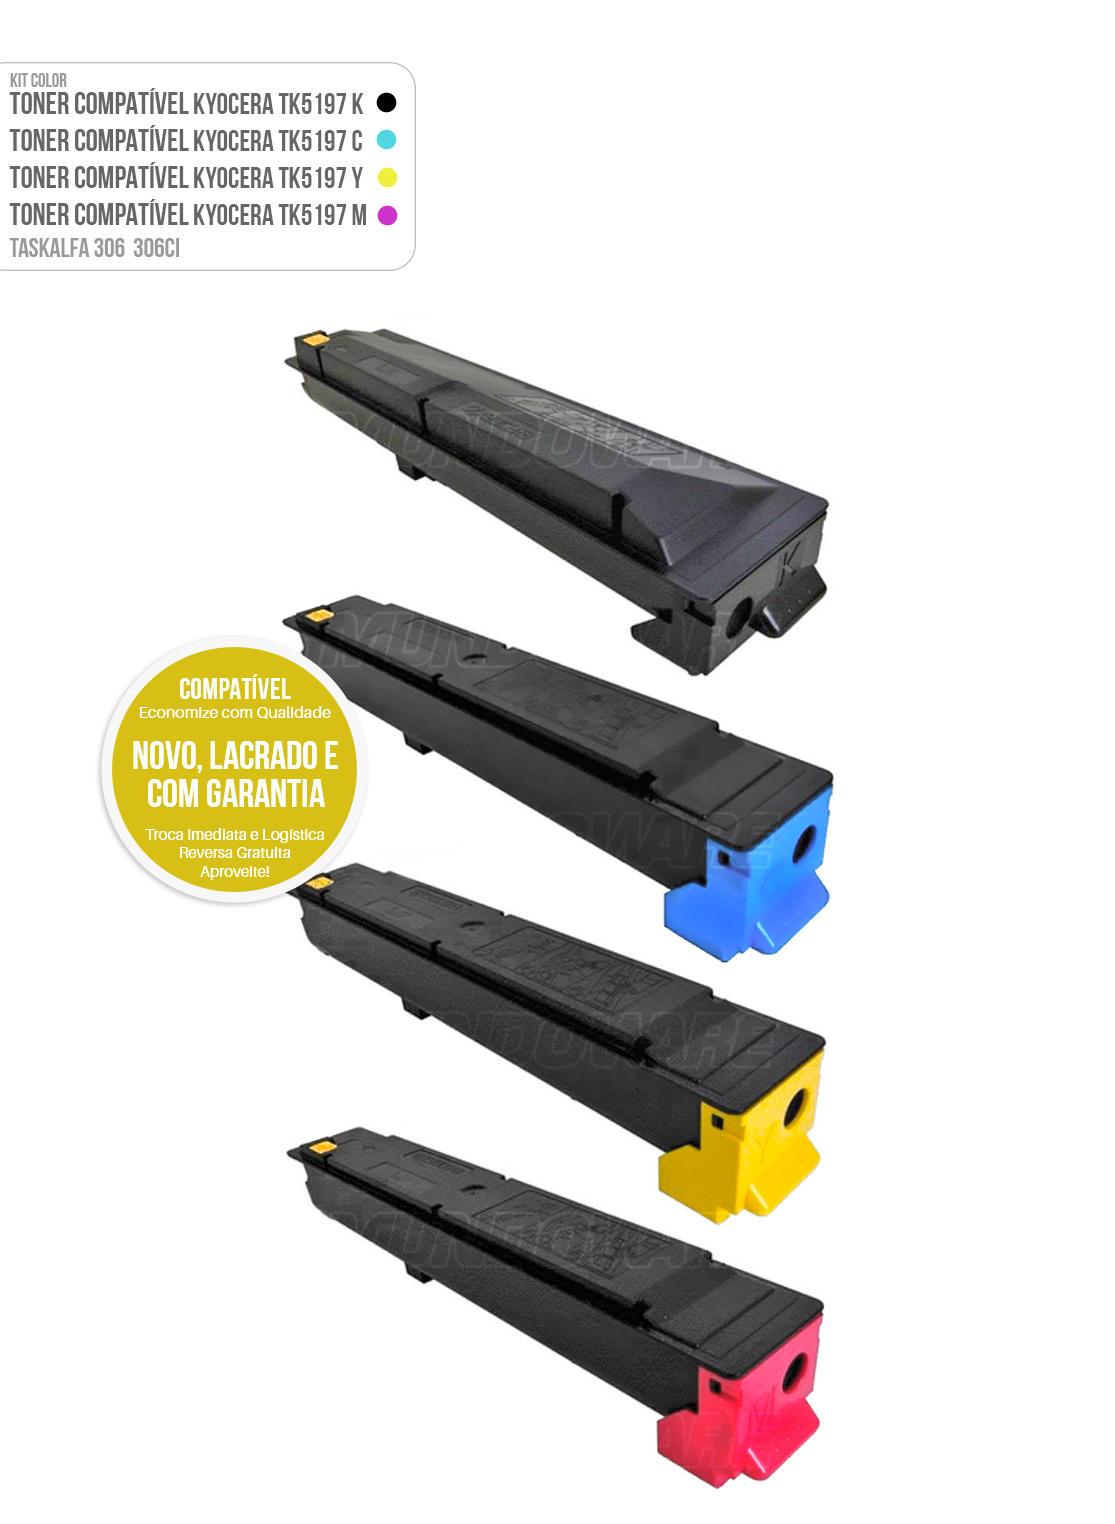 Kit 4 Cores de Toner Compatível para impressora Kyocera TASKalfa 306ci 306